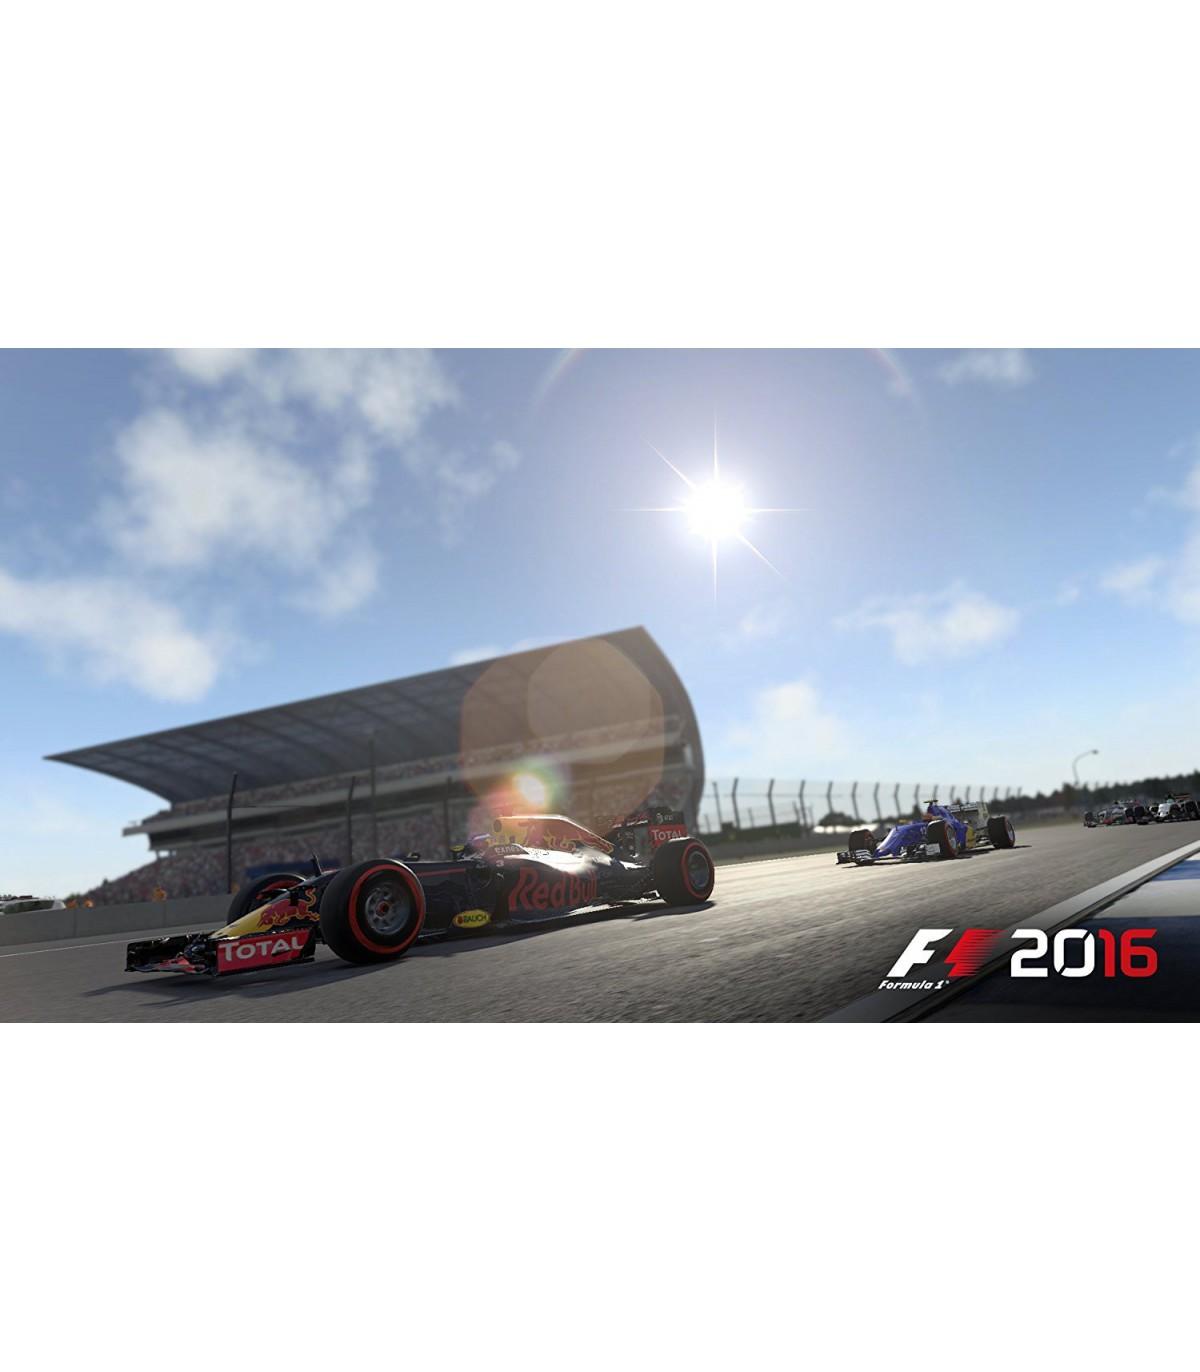 بازی F1 2016 کارکرده - پلی استیشن 4